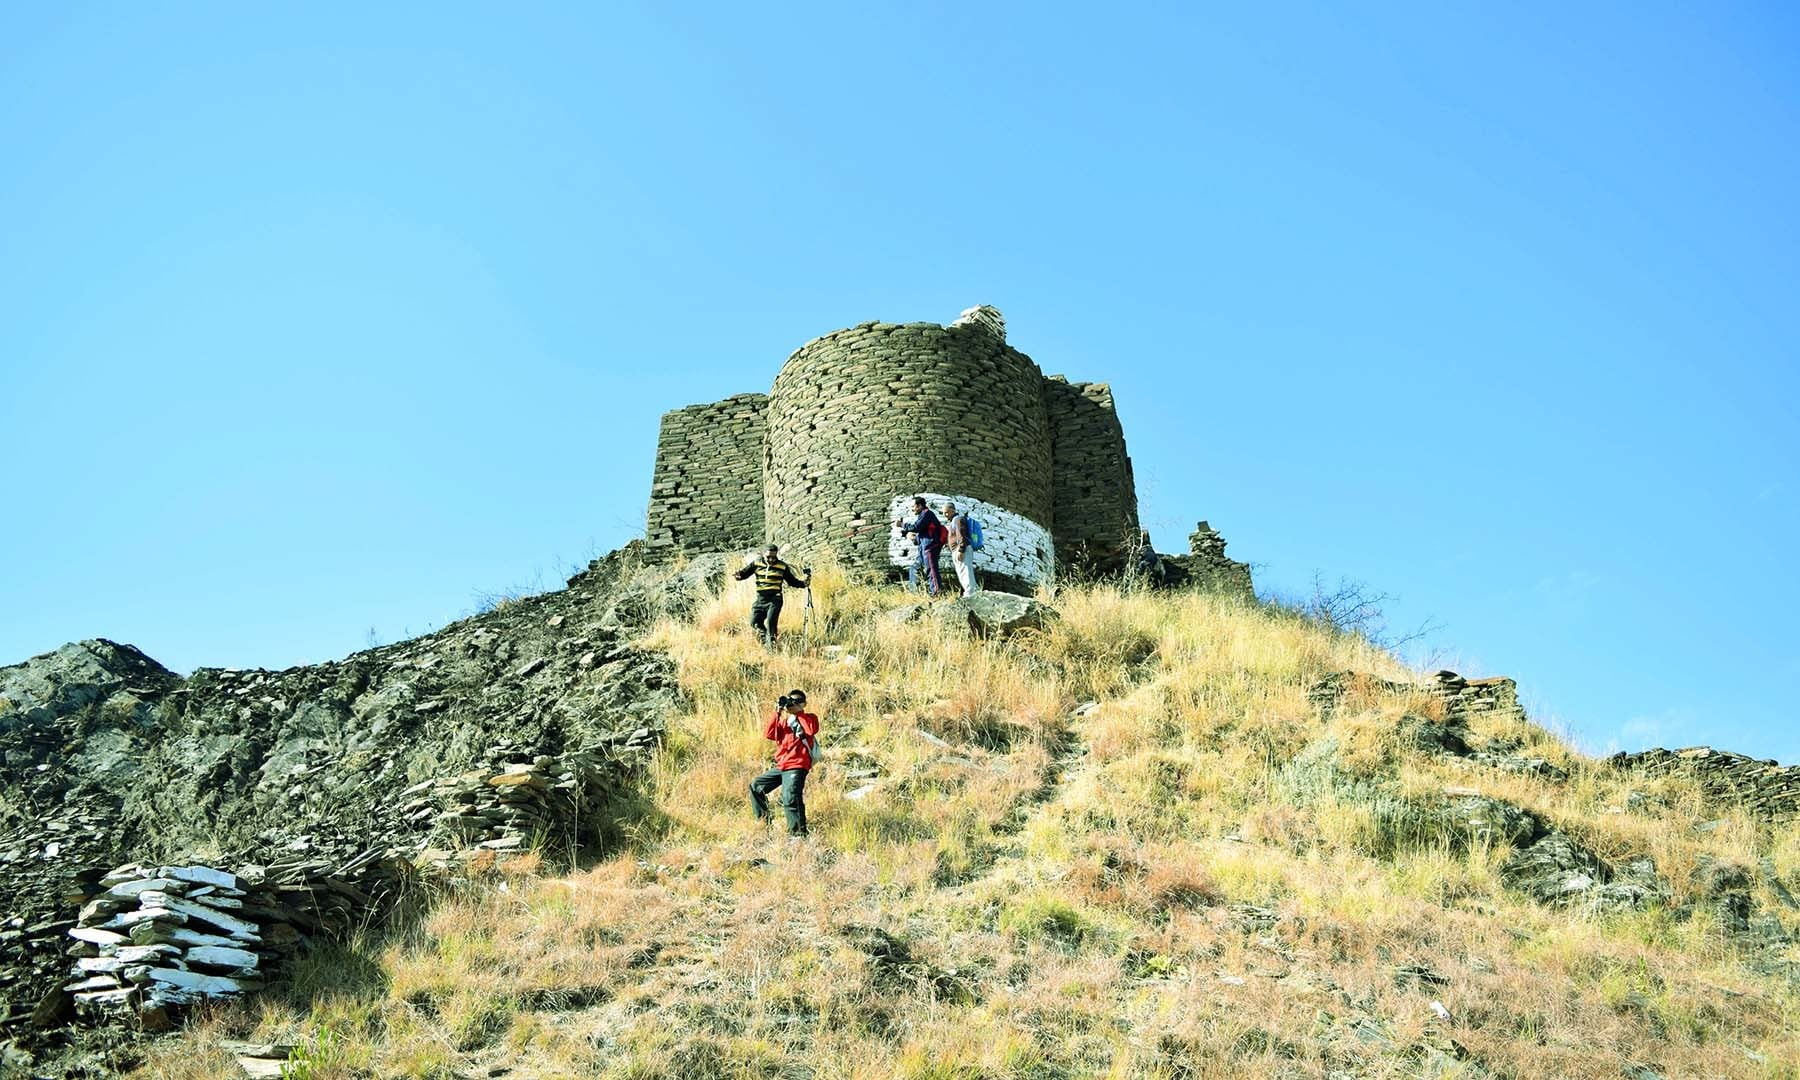 پہاڑ کی چوٹی پر دفاعی نکتۂ نظر سے بنایا جانے والا برج، جس کی مدد سے محافظ نیچے وادی پر نظر رکھتے تھے